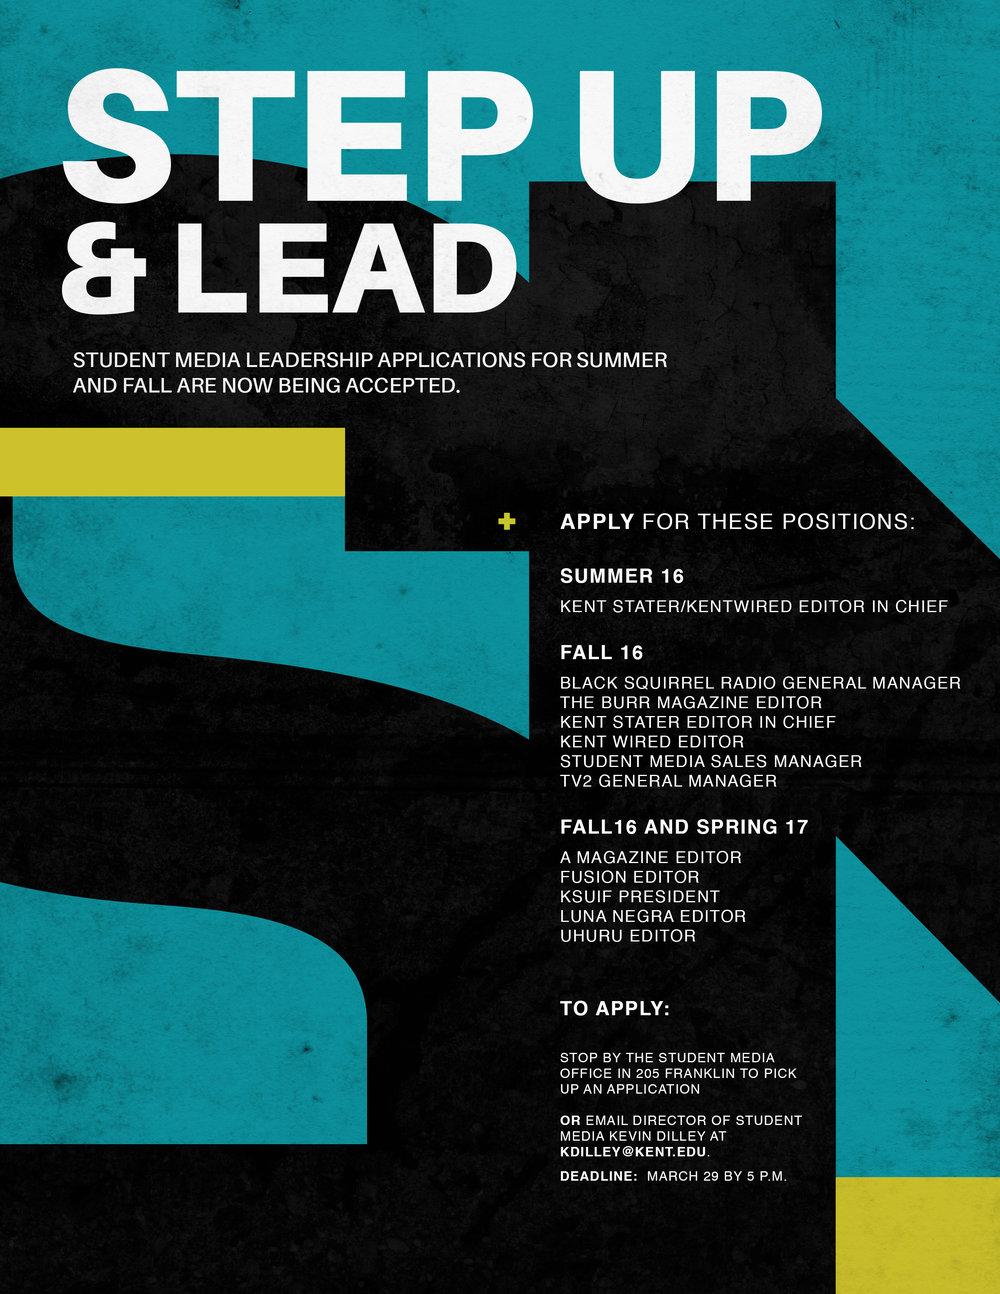 SM_Leadership_Applications_Flyer.jpg